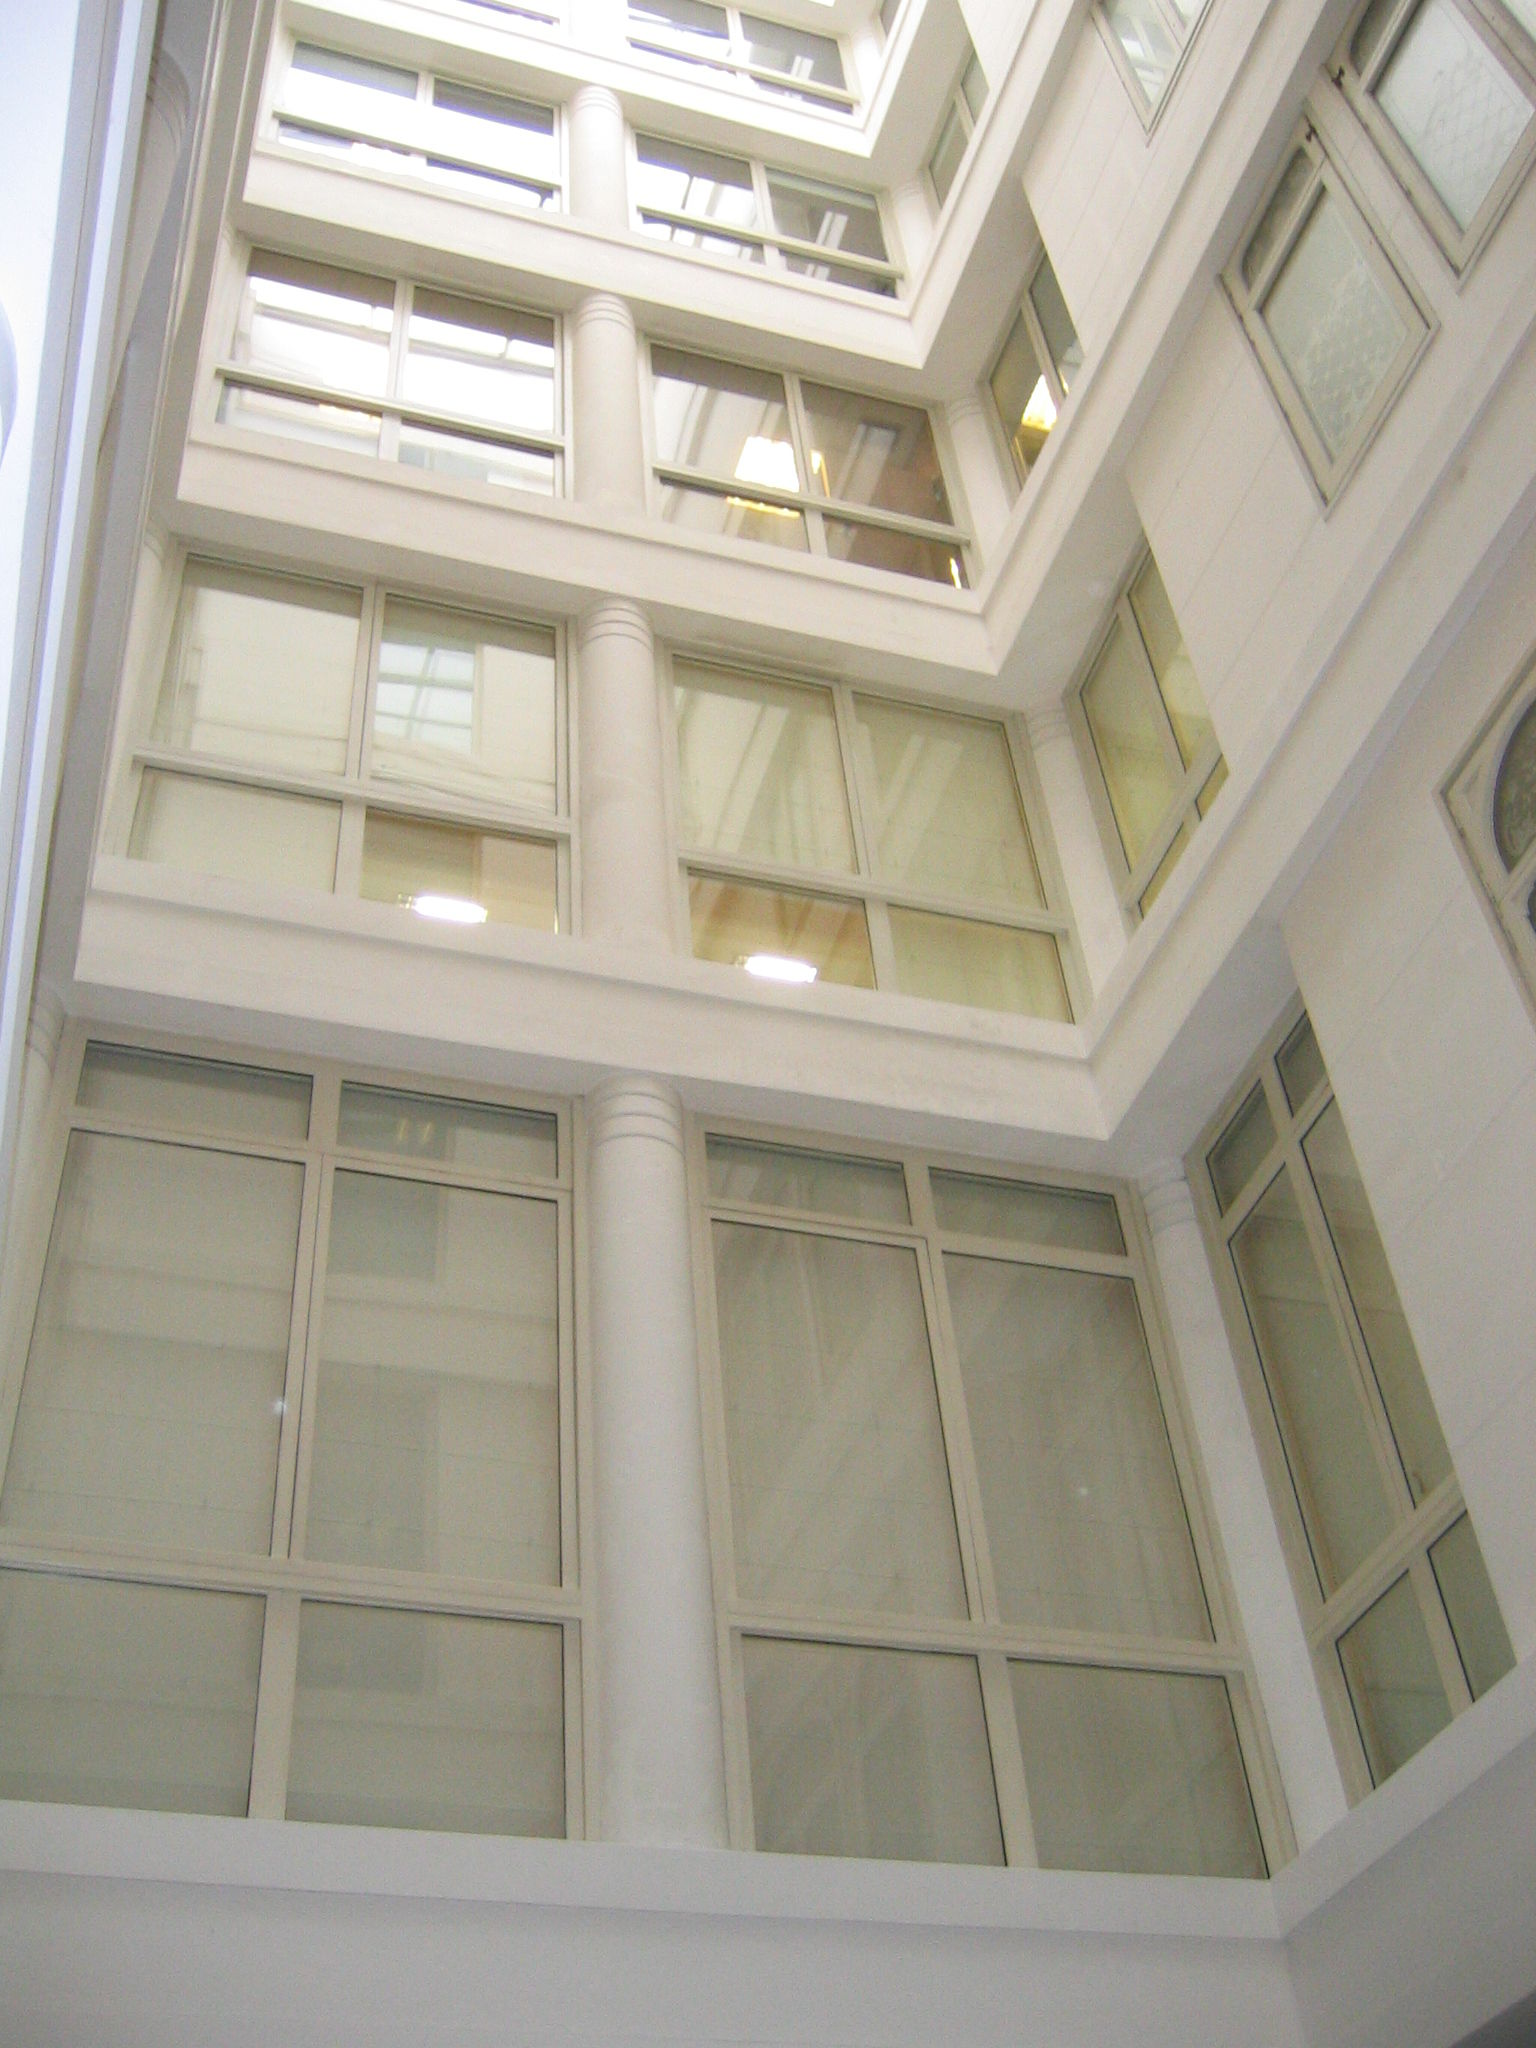 Foto 21 de Empresas de construcción en Alcobendas | Mogatro, S.L.